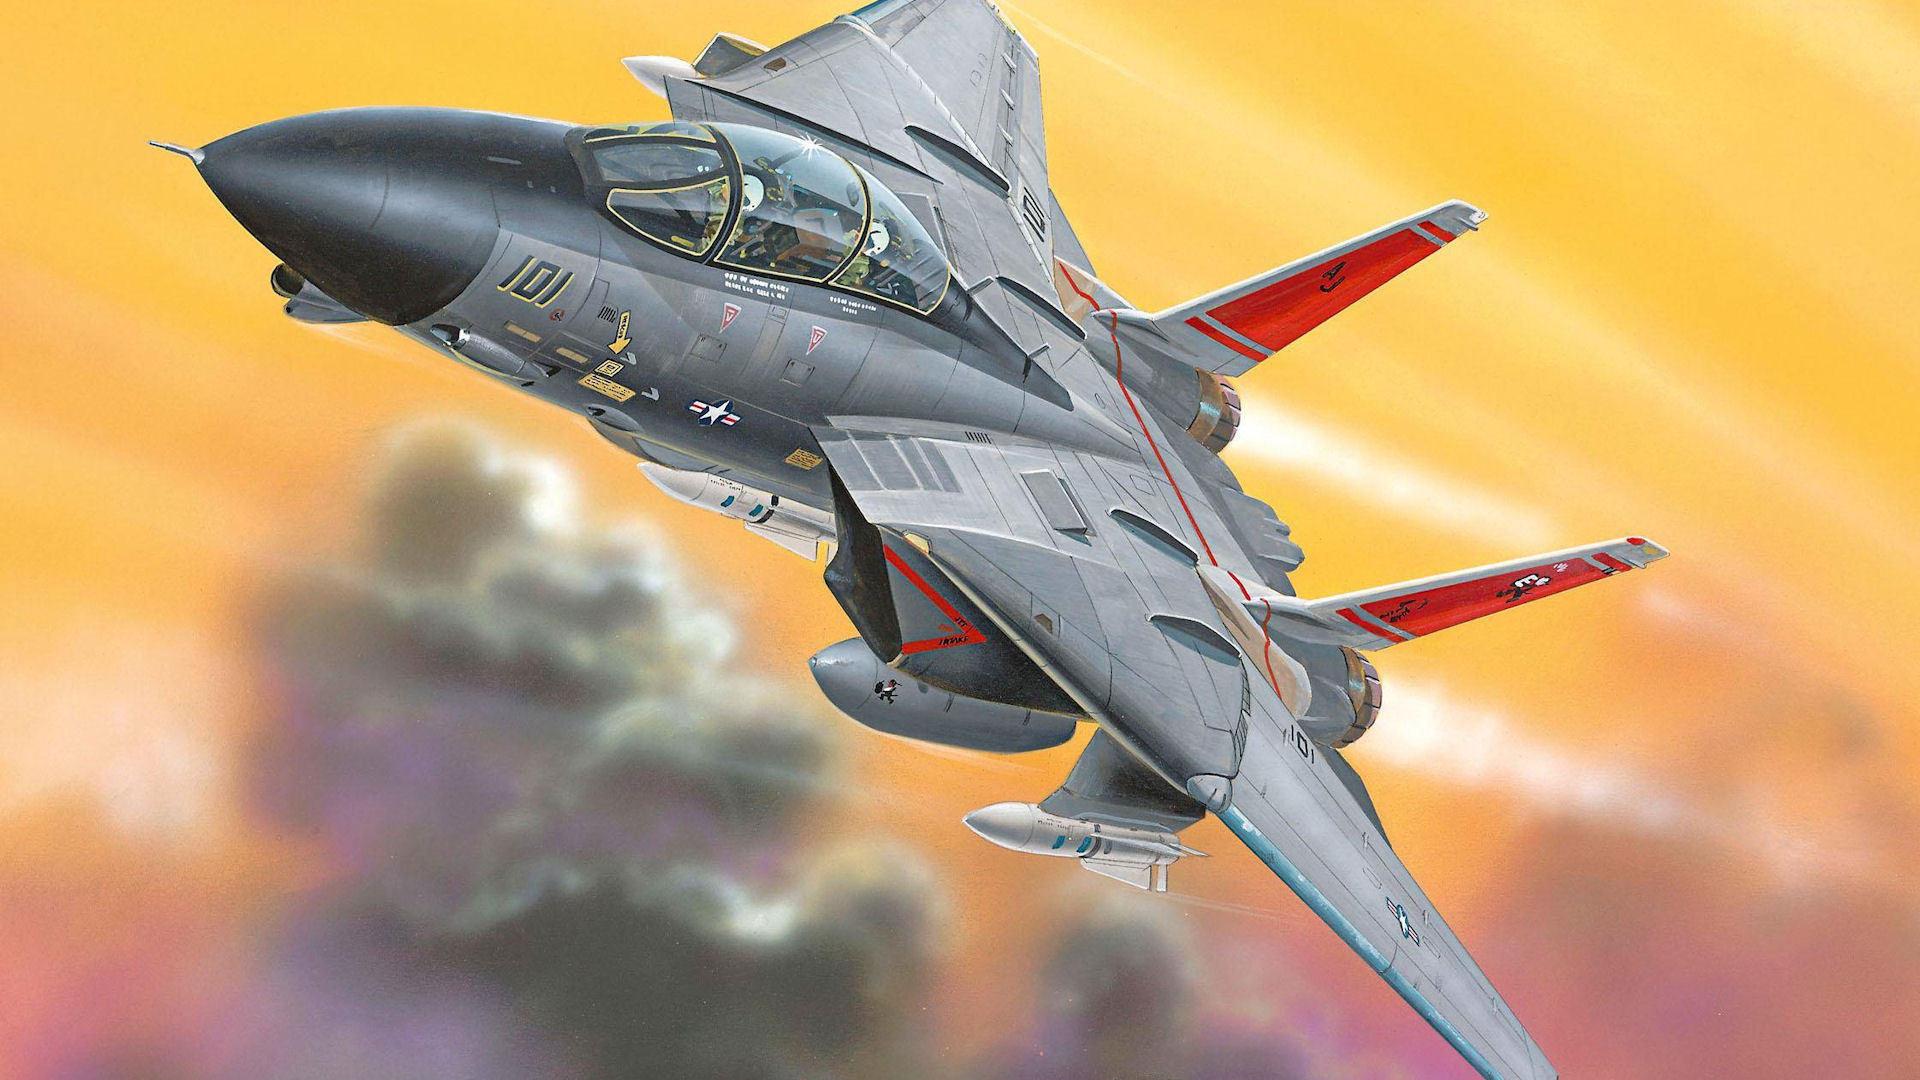 Grumman F 14 Tomcat Wallpapers Hd For Desktop Backgrounds